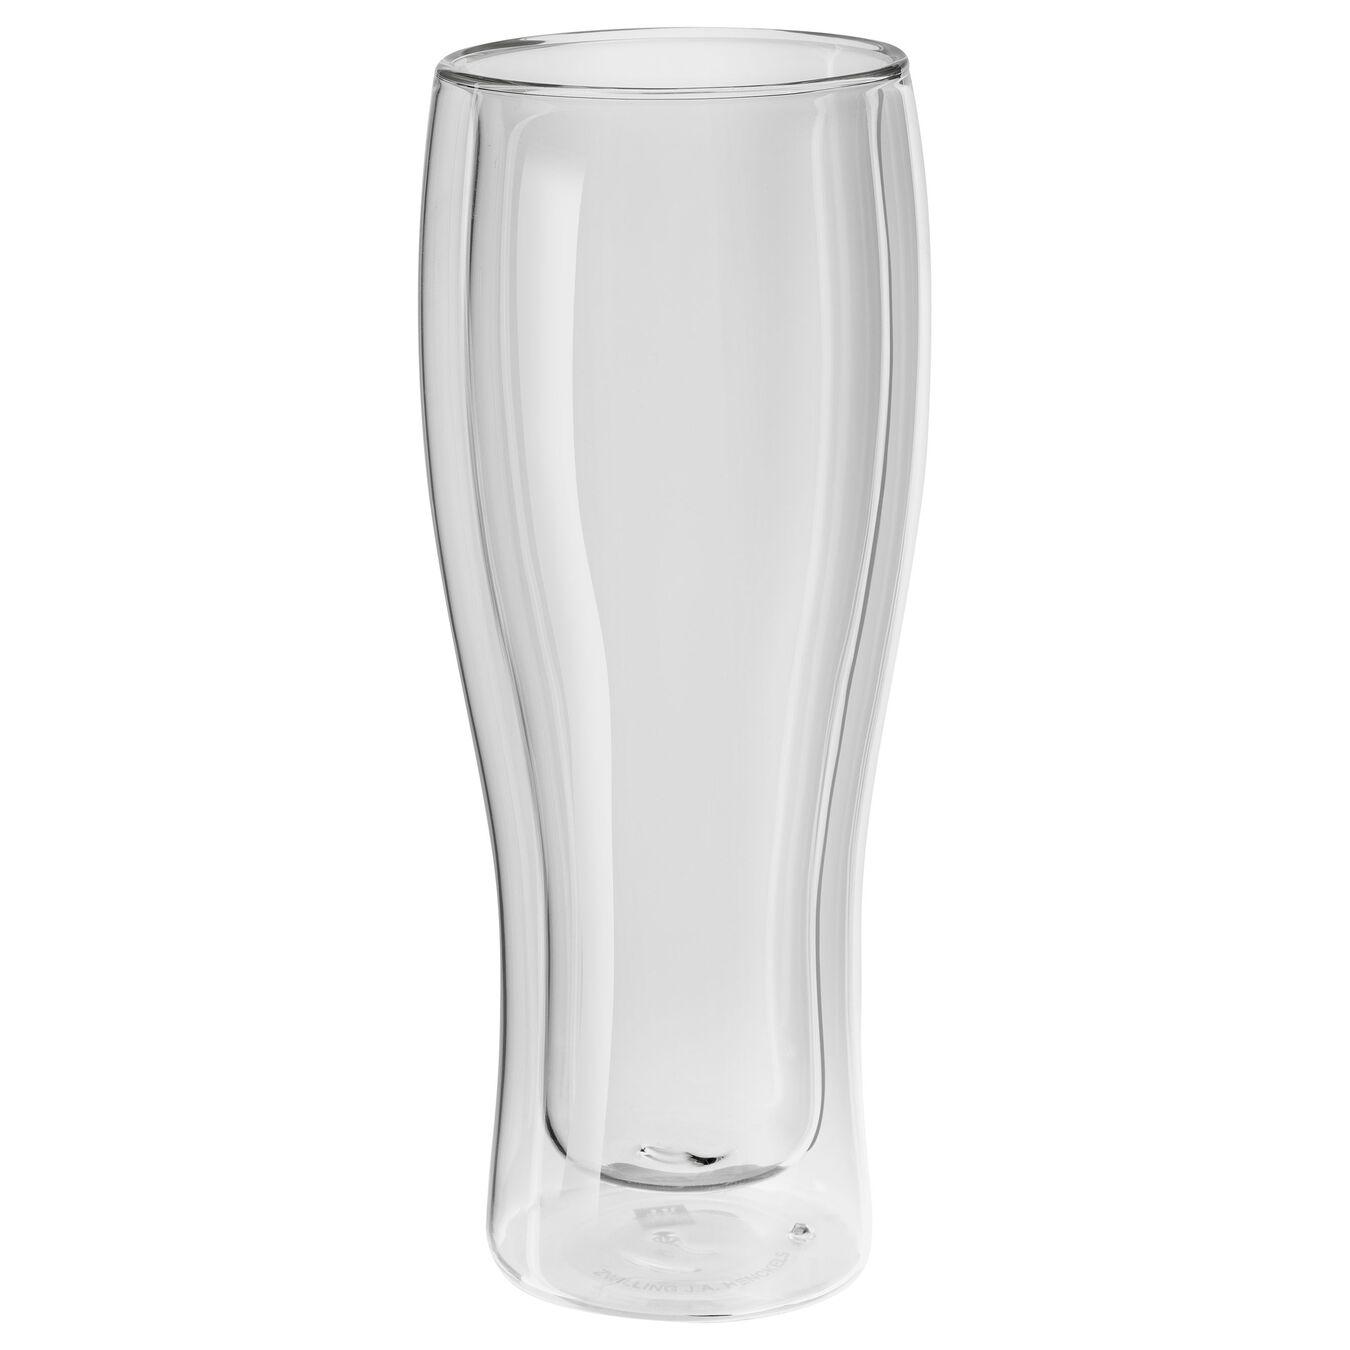 Bira Bardağı Seti | 2-adet,,large 1